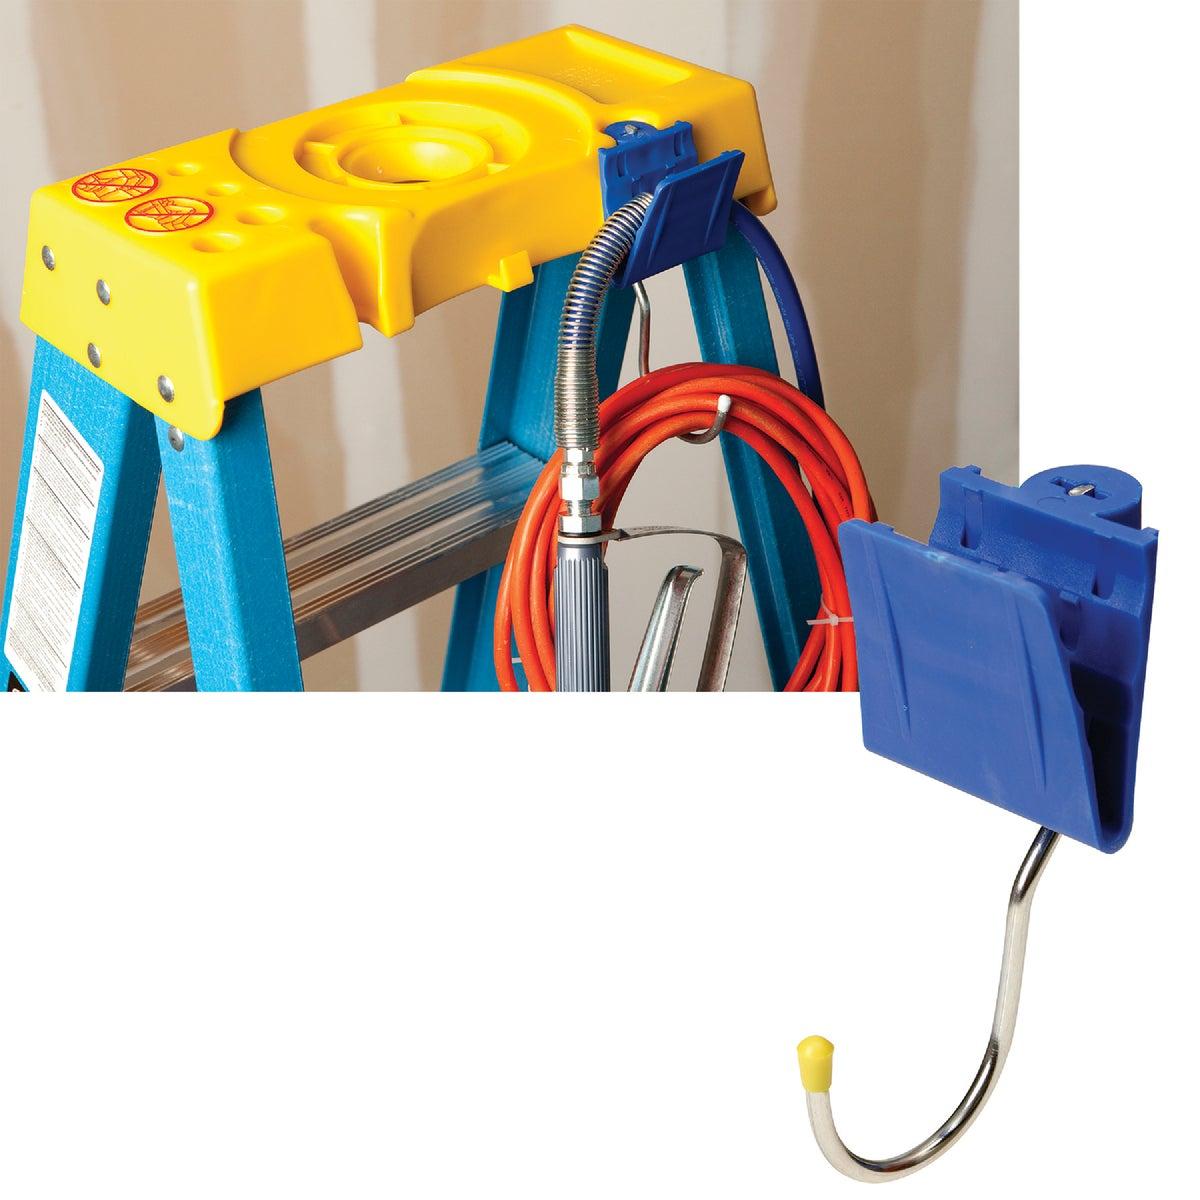 Werner AC56-UH Lock-In Utility Hook